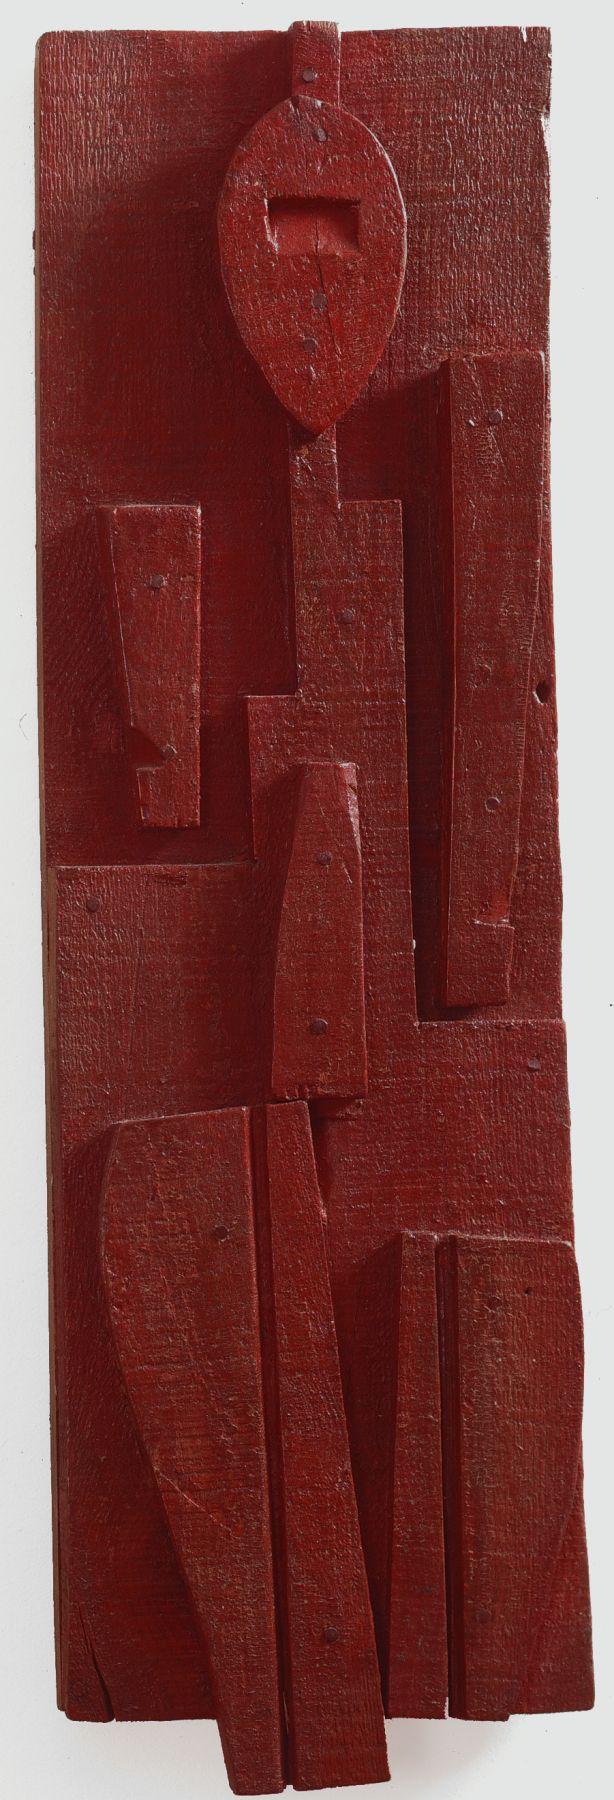 Joaquín Torres-Garcia,Tabla con hombre rojo, c. 1931,Oil and nails on wood,17 1/2 x 6 in. (44.5 x 15.2 cm.)